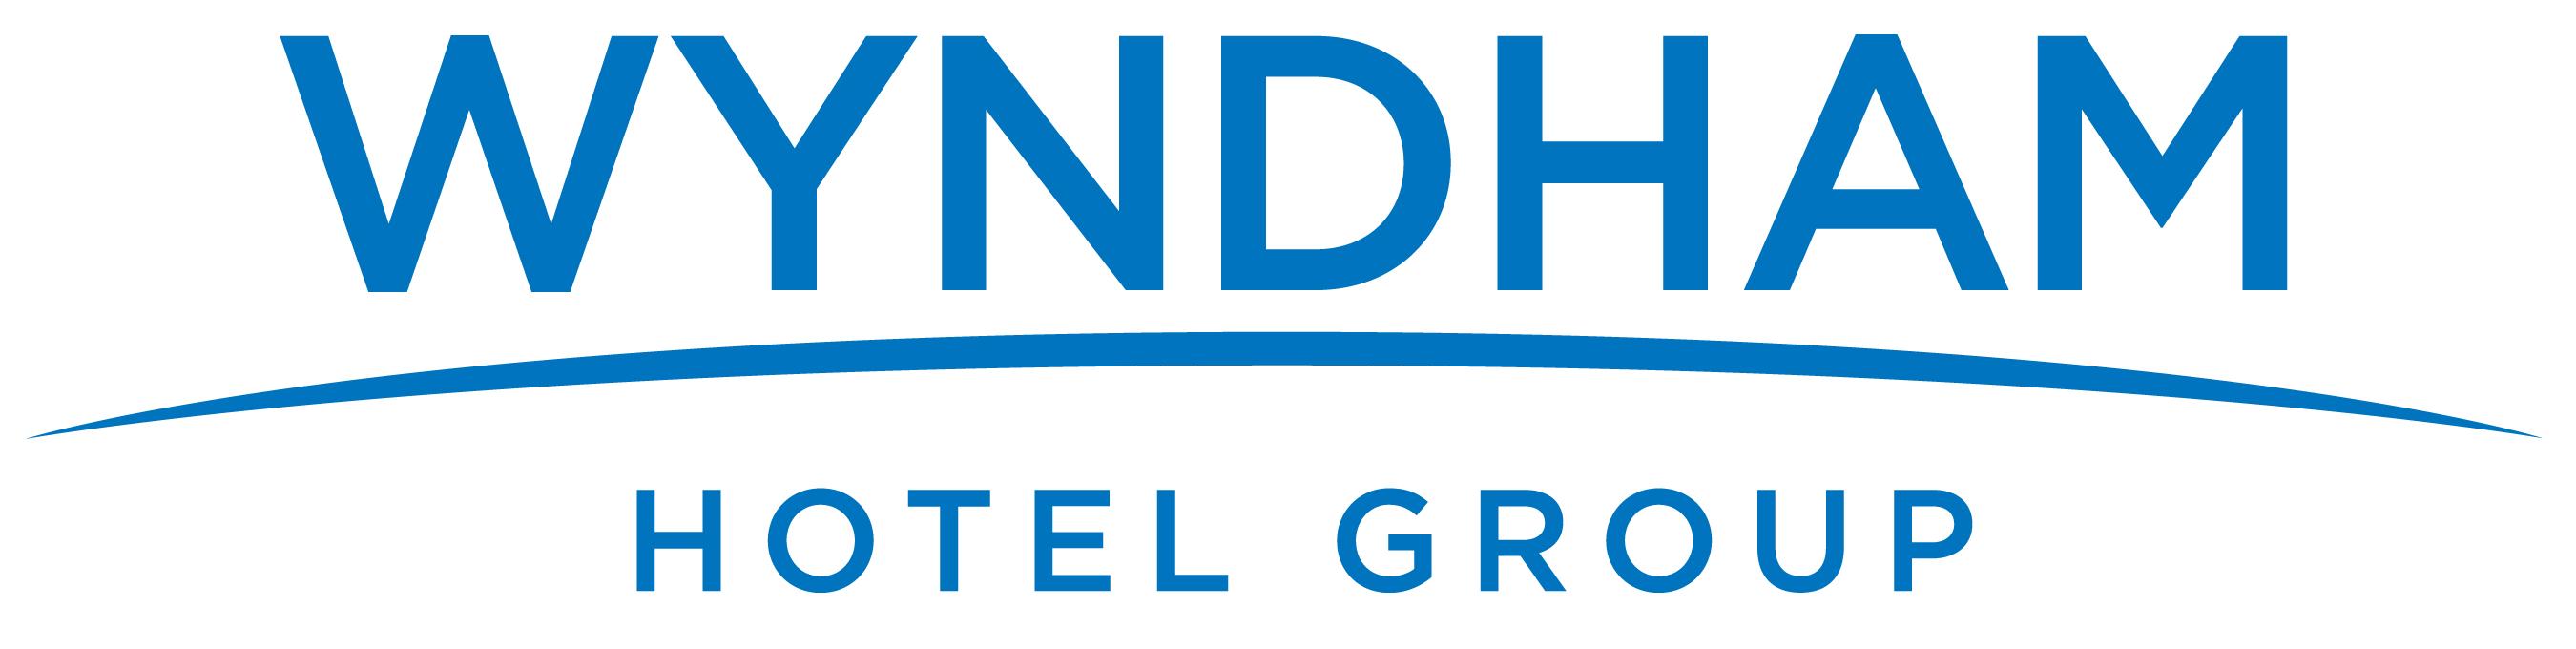 Wyndham-1